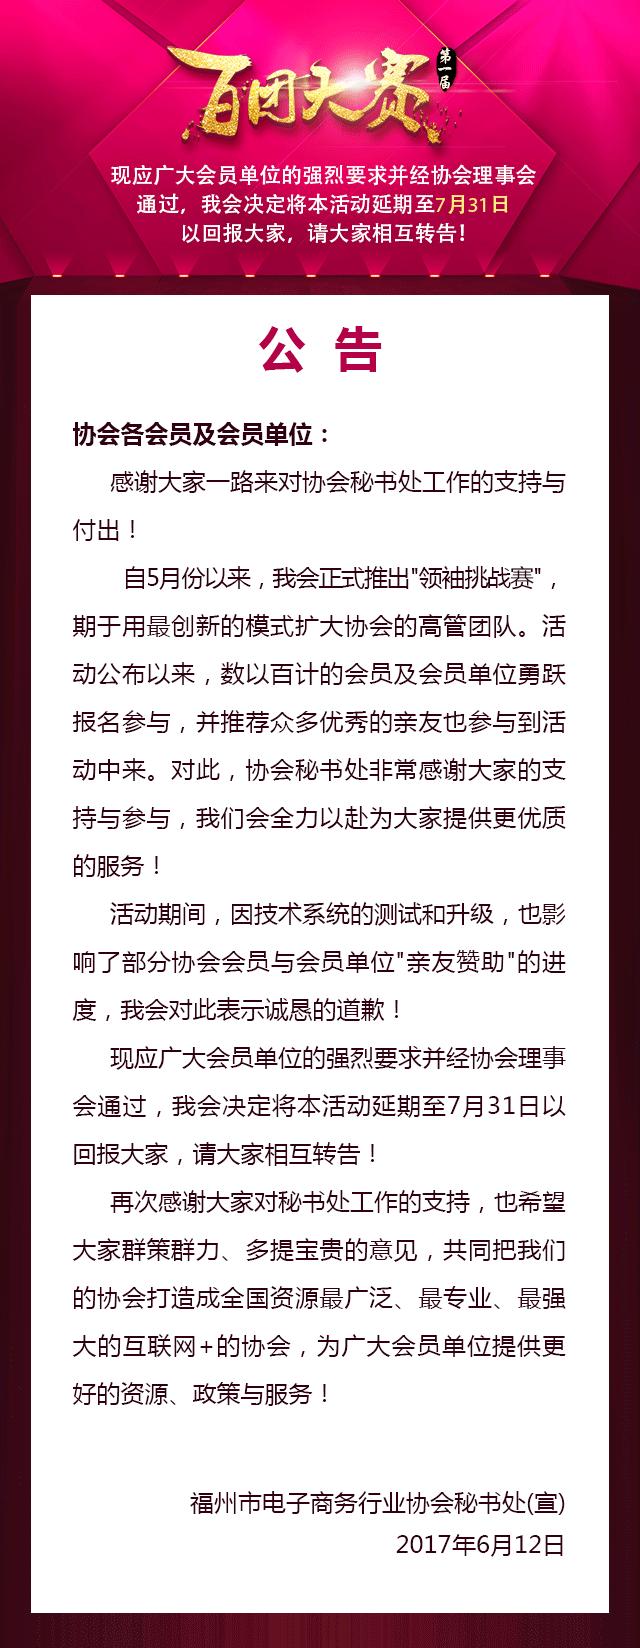 公告:本活动延期至7月31日以回报大家,请大家相互转告!.png